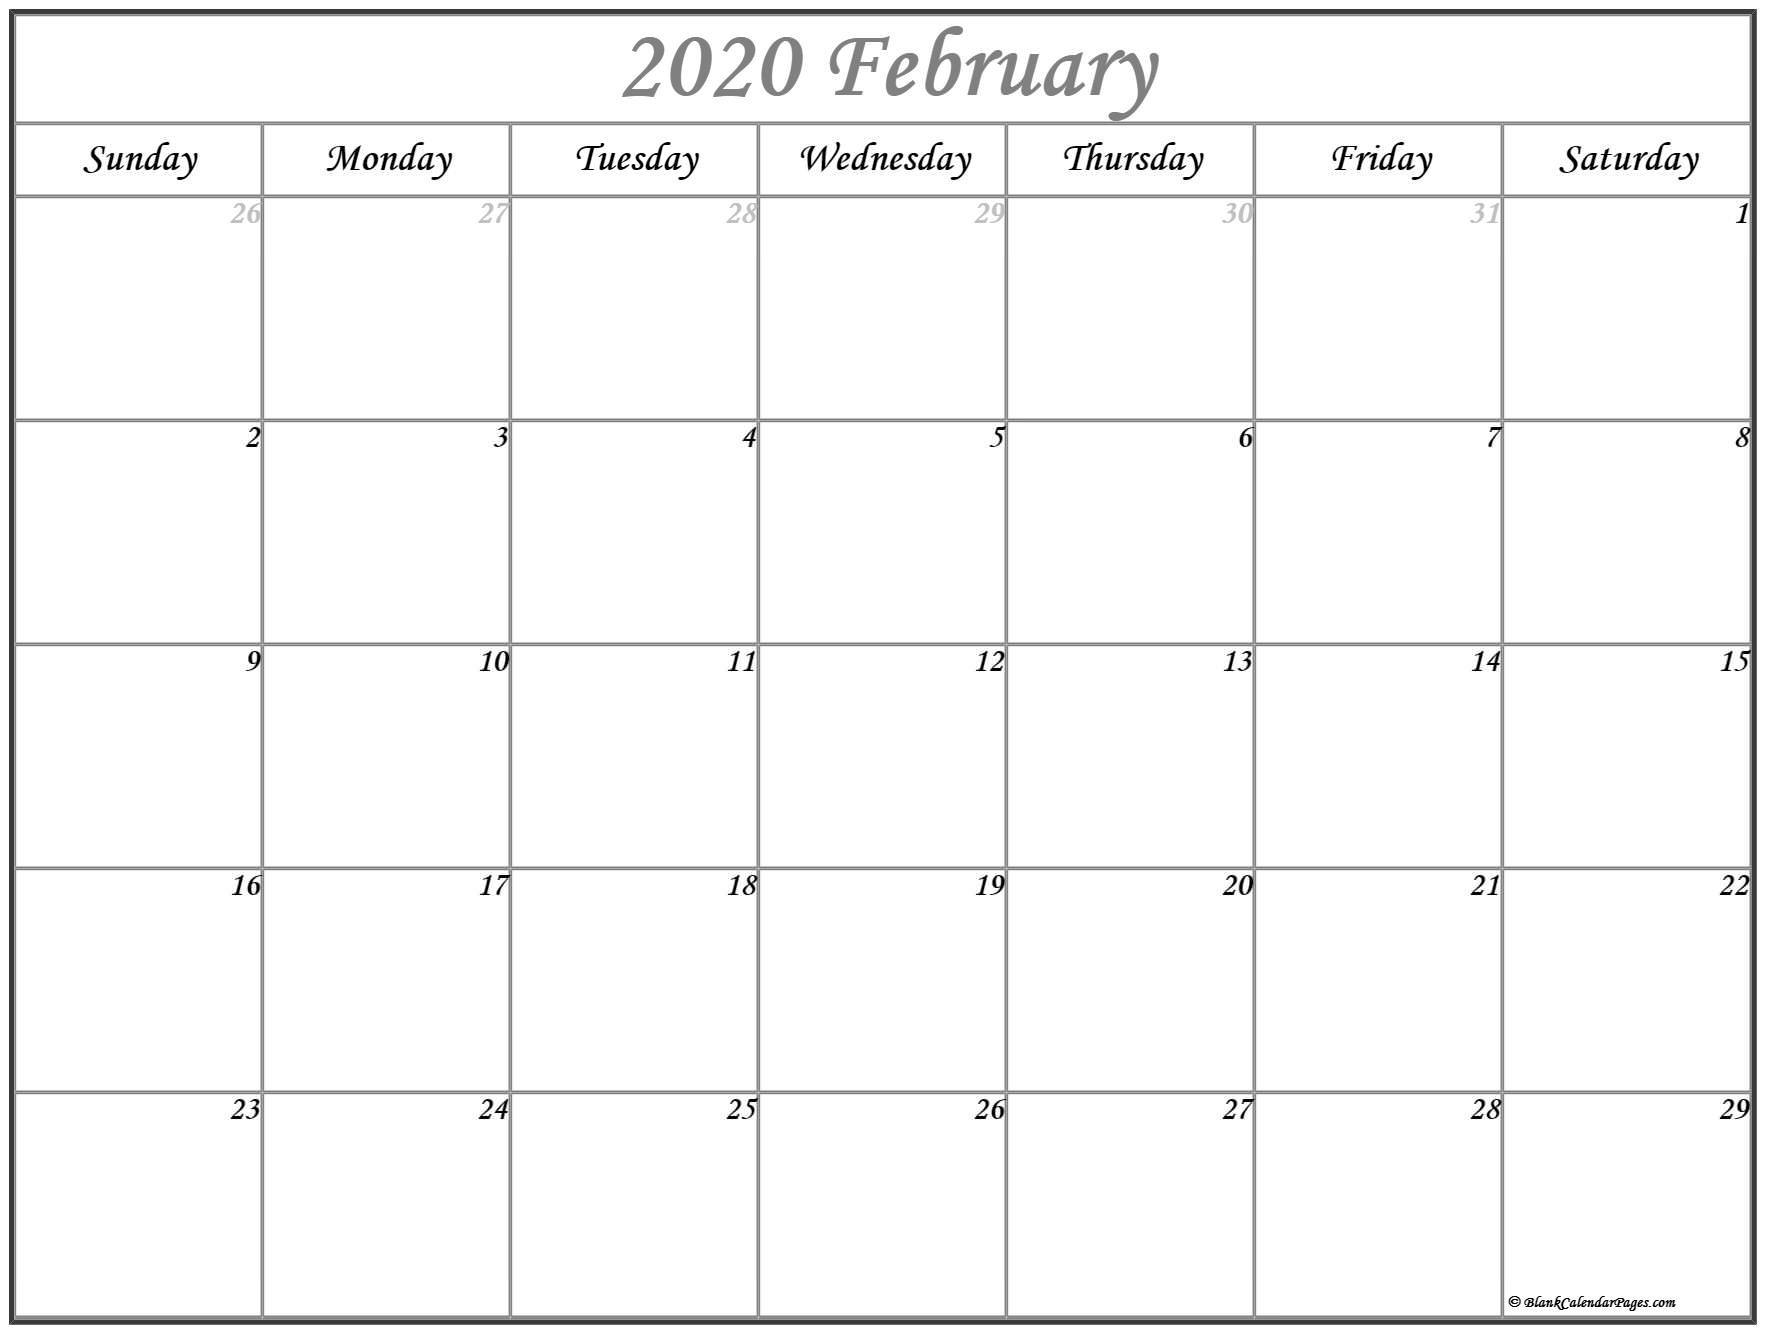 February Calendar Printable 2020 February 2020 Calendar